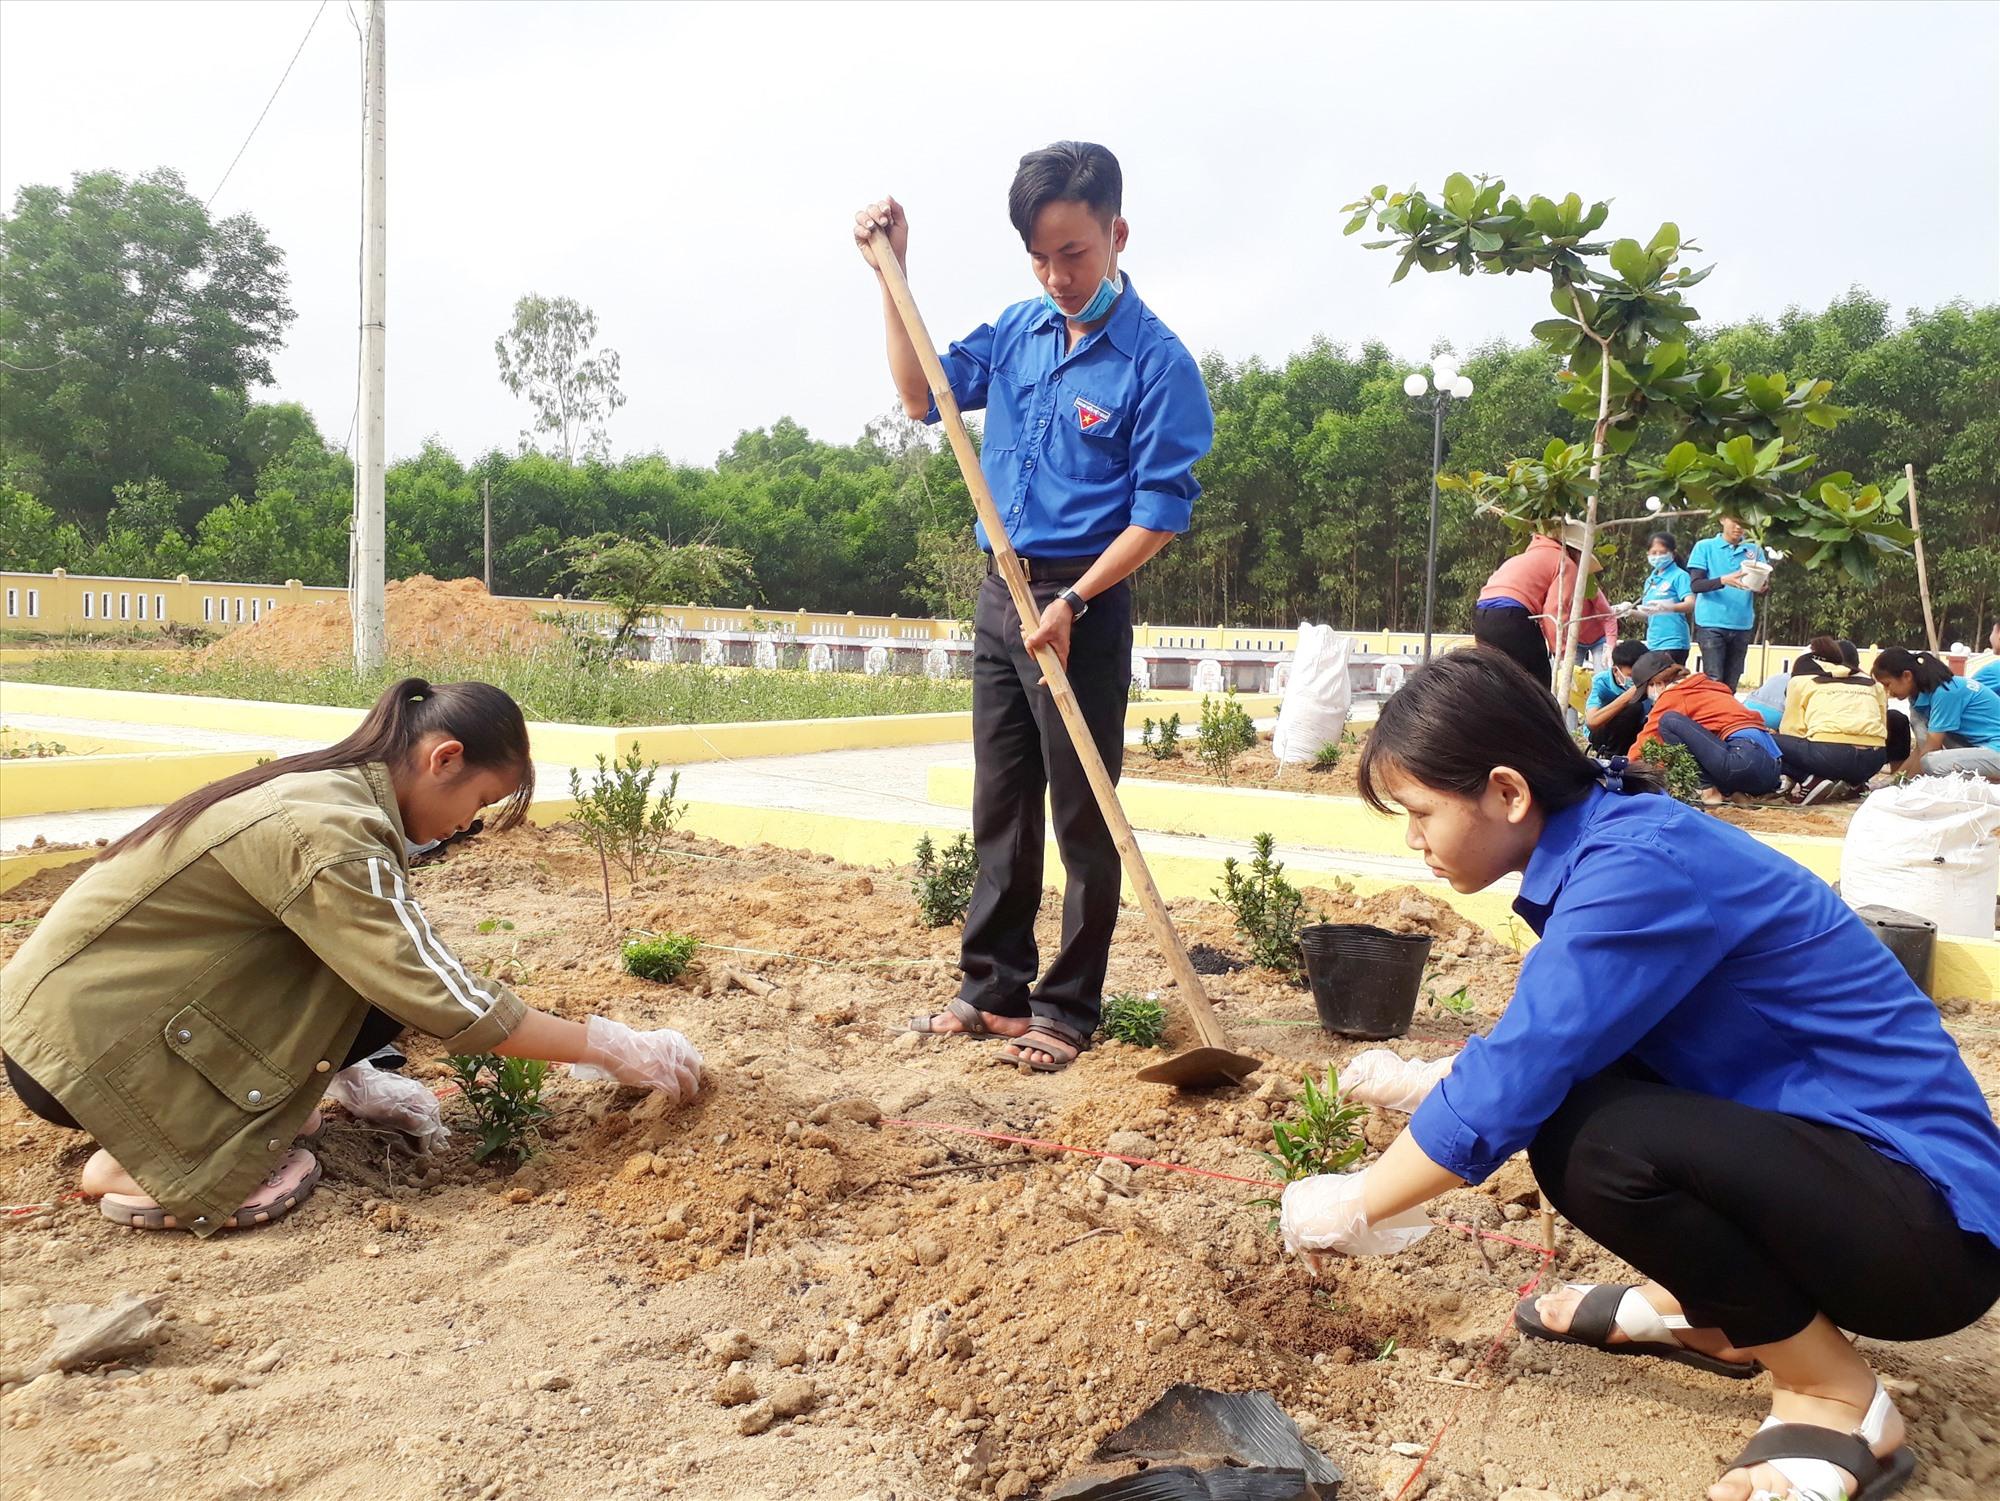 Đoàn viên thanh niên Quế Sơn trồng cây xanh tại Nghĩa trang liệt sĩ xã Quế An. Ảnh: T.P